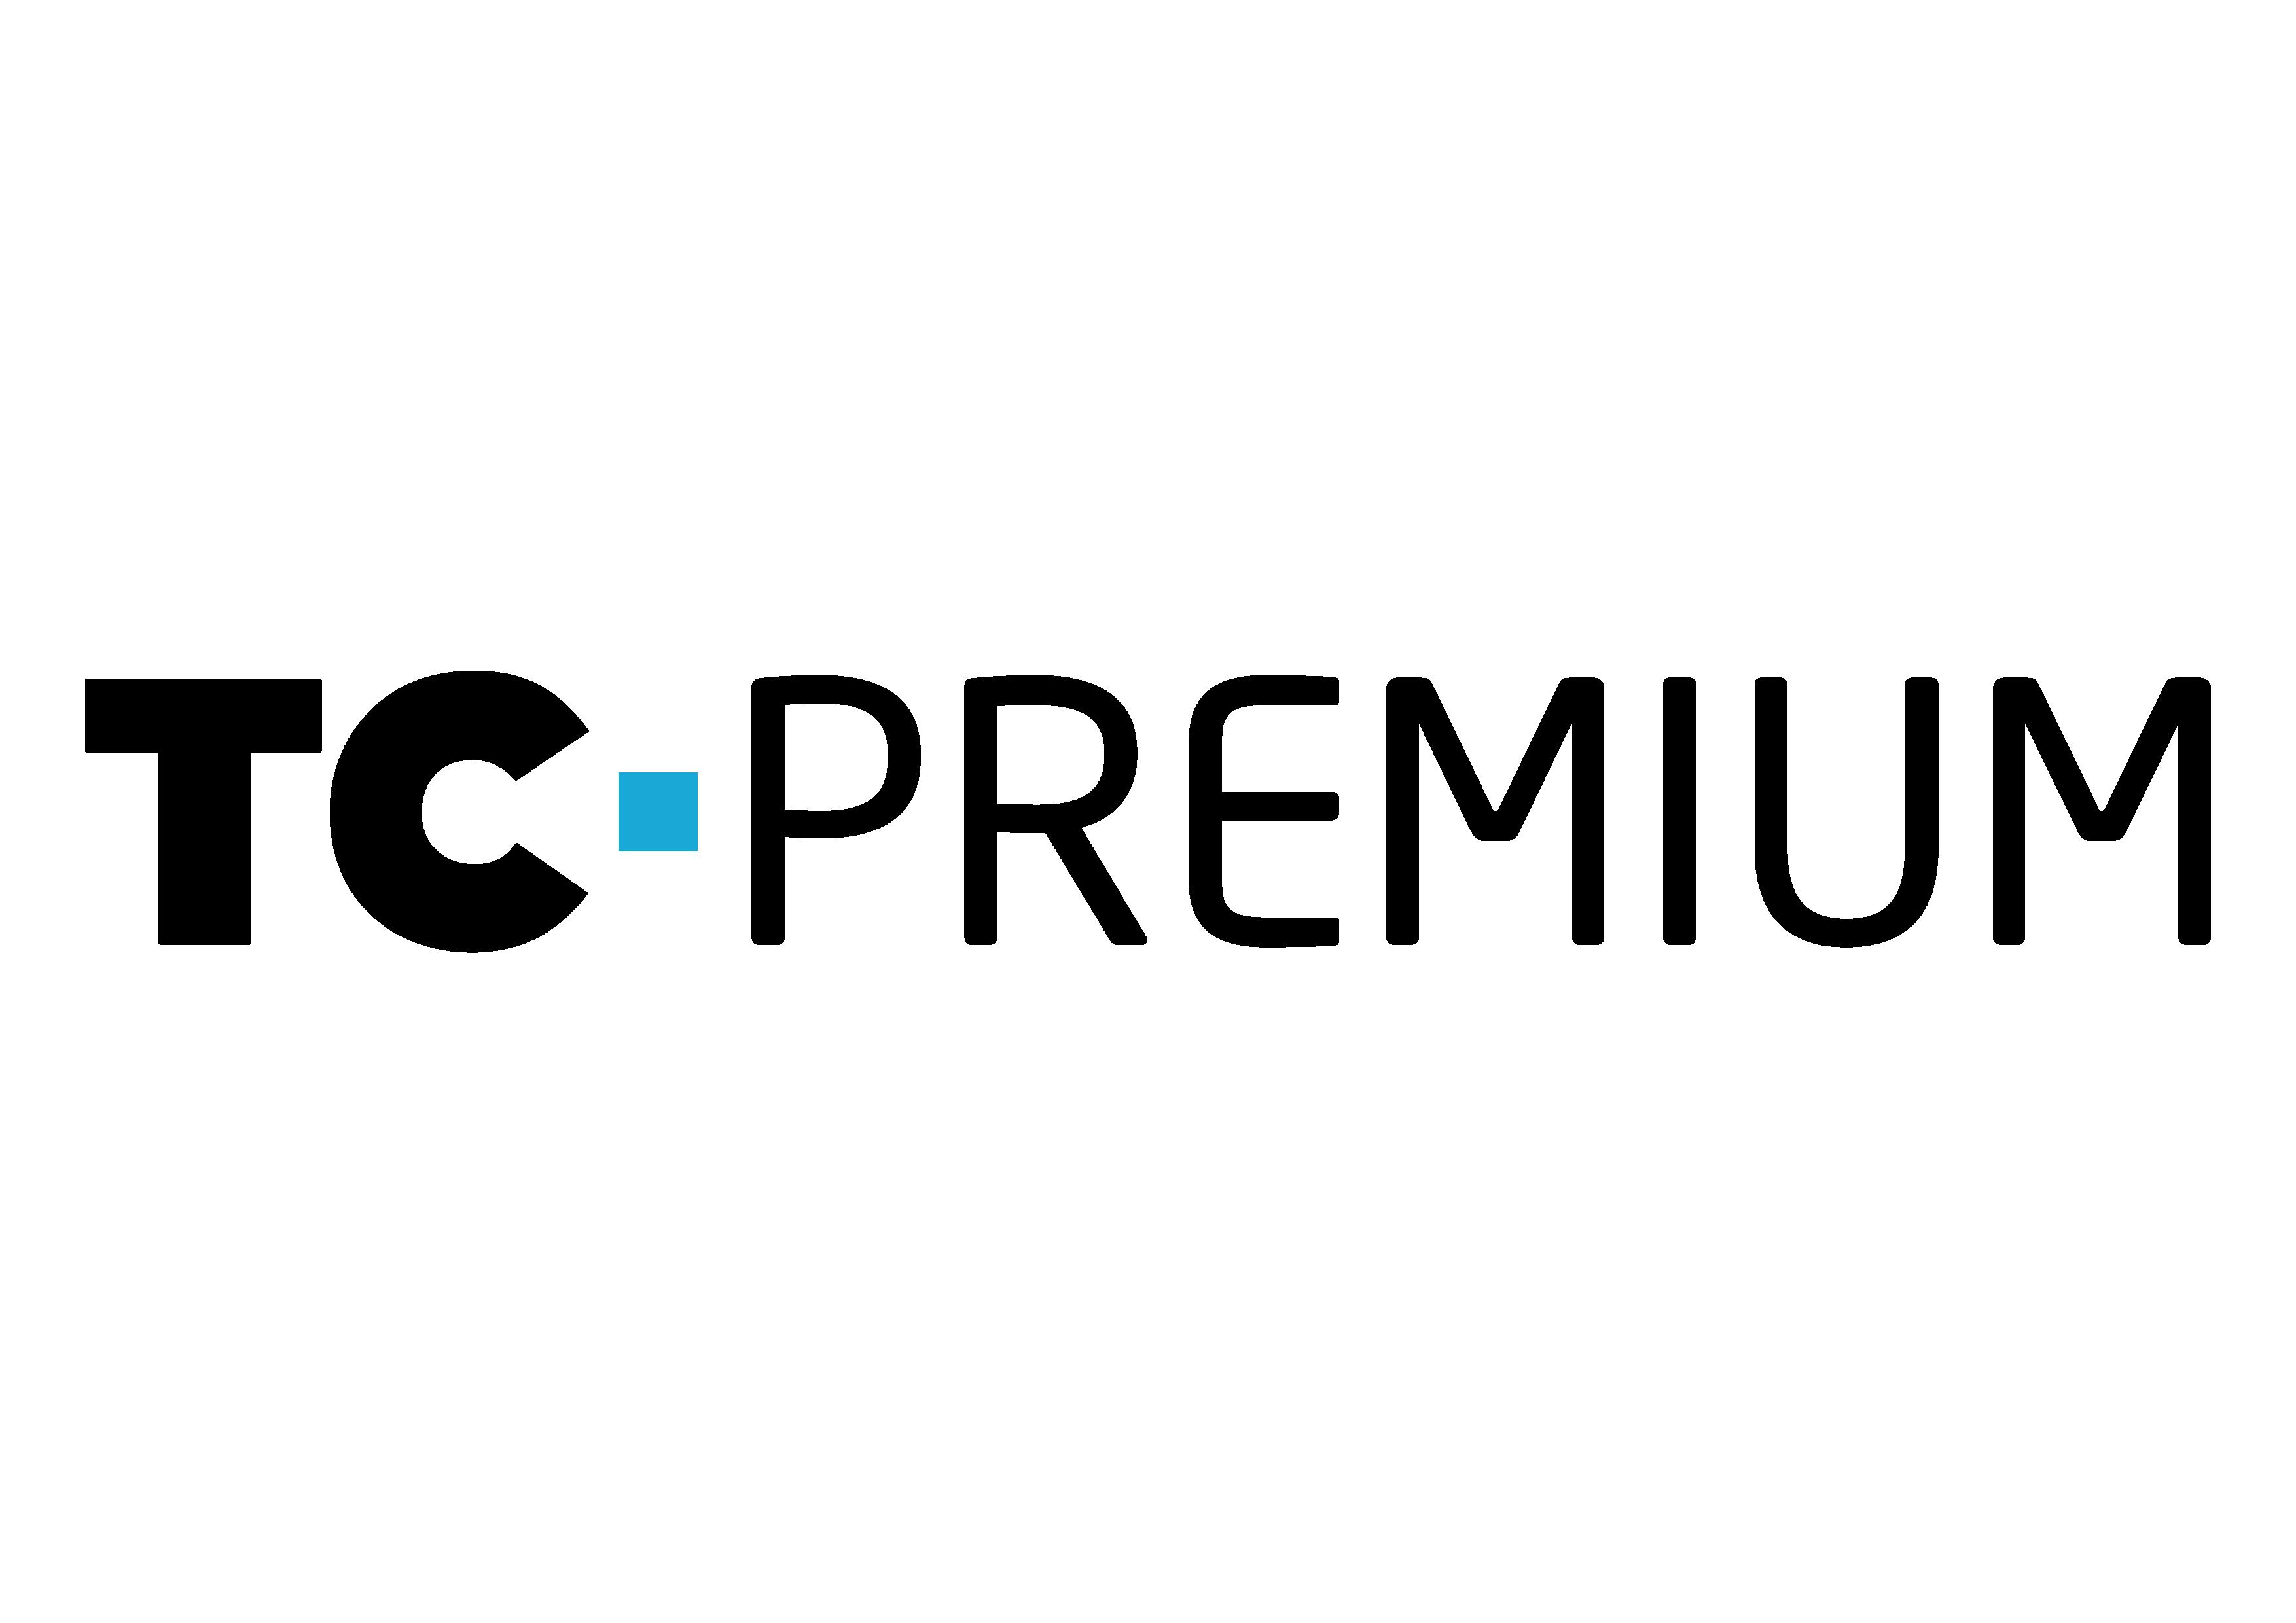 Telecine Premium Logopedia Fandom